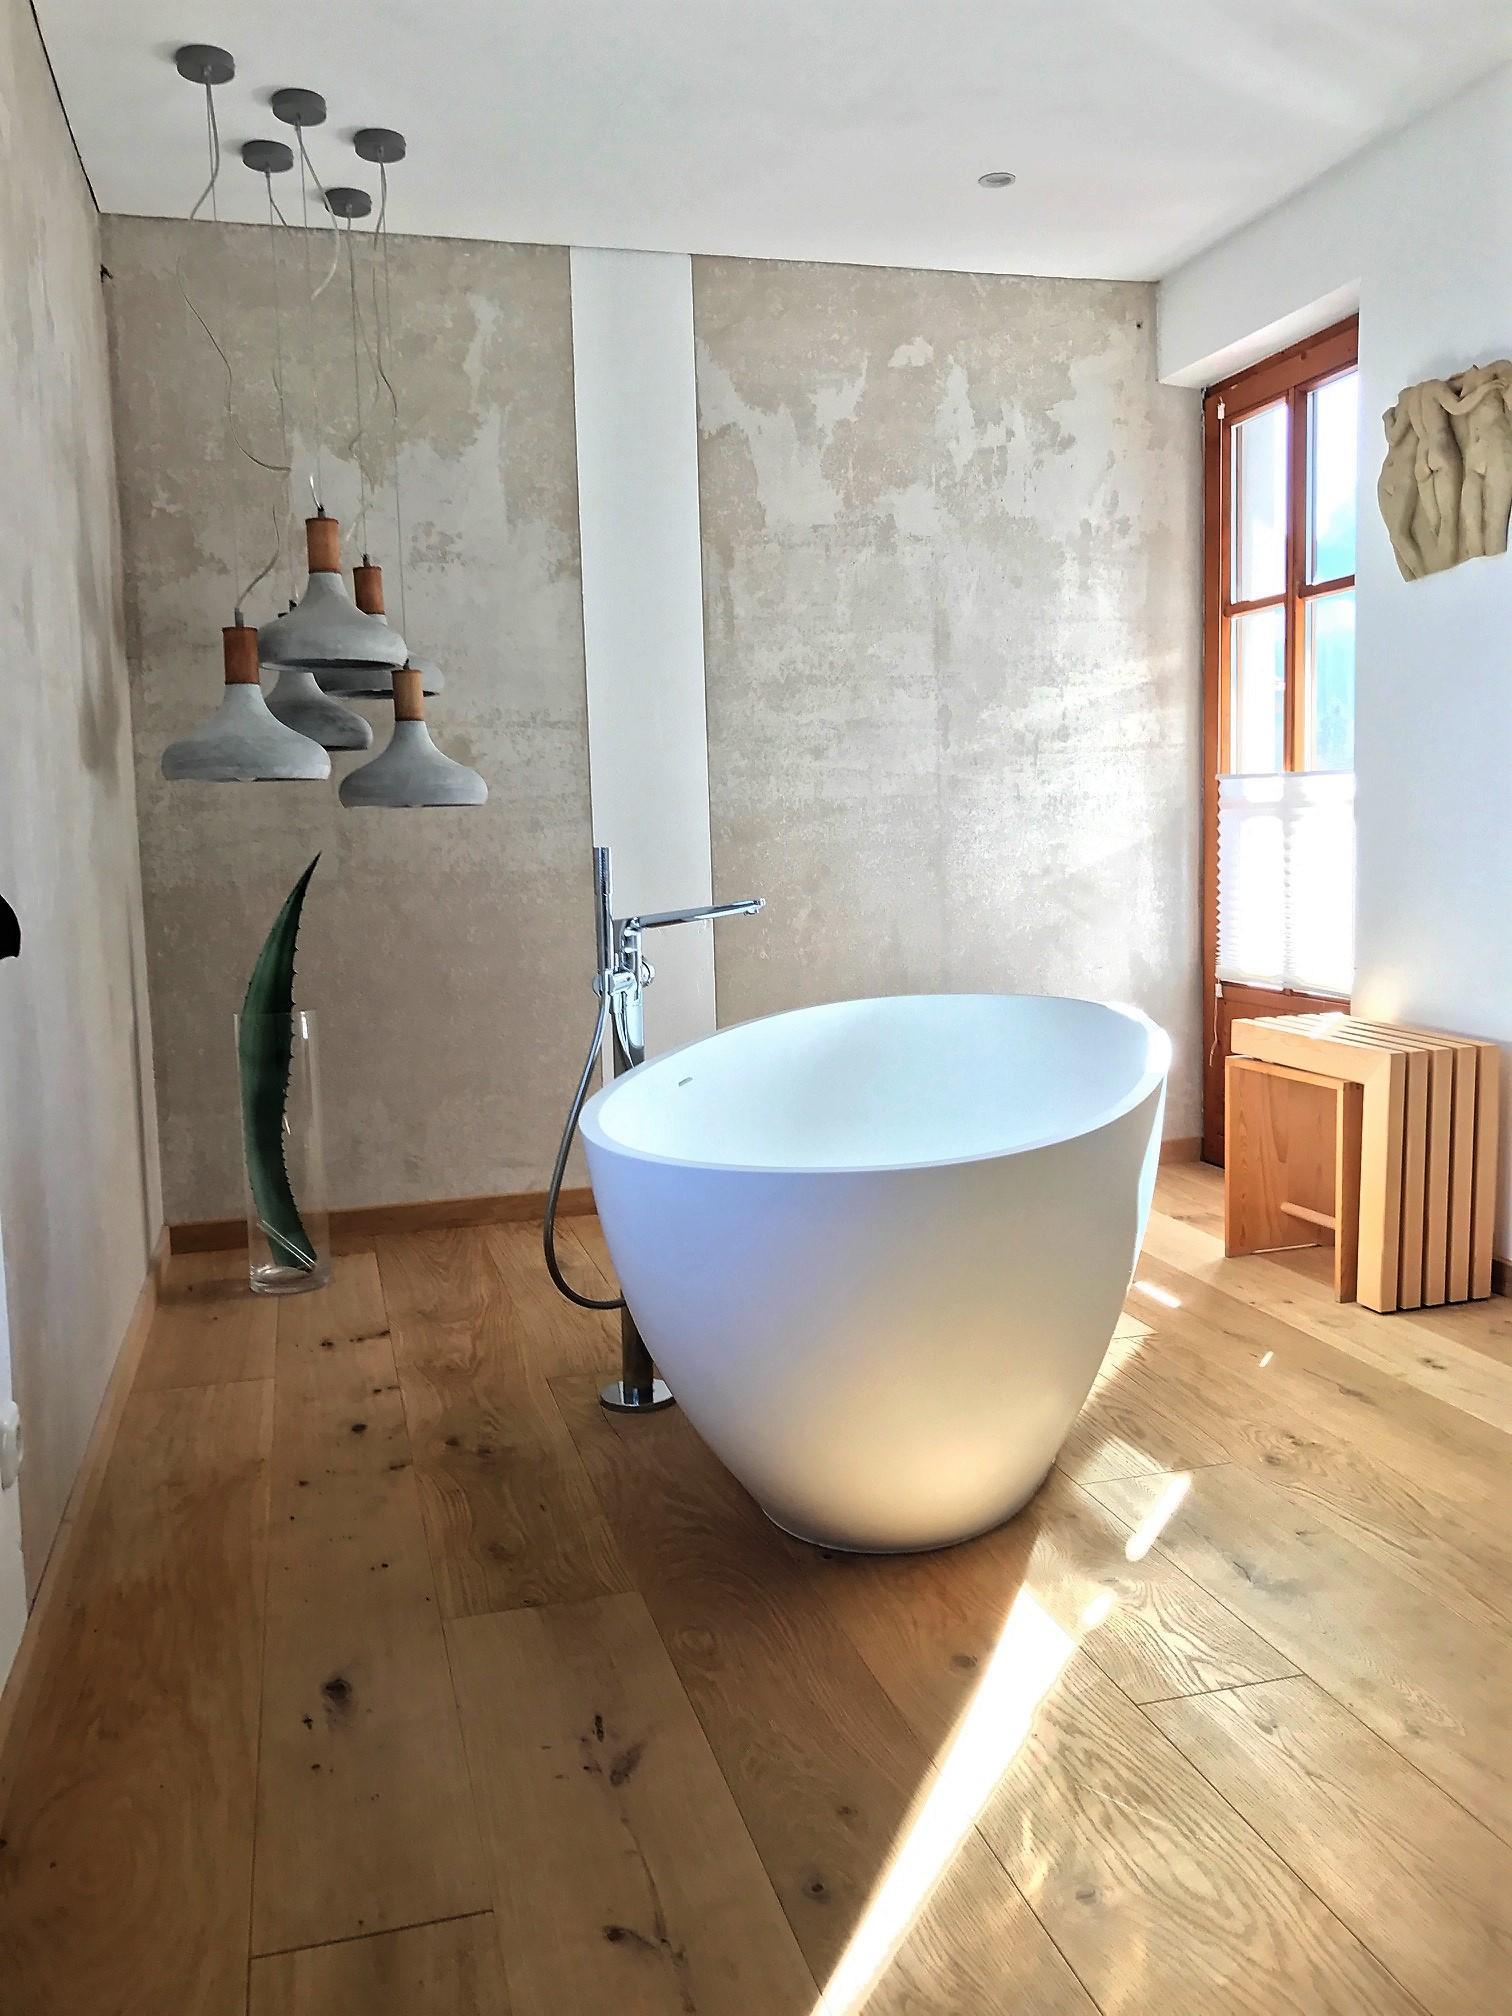 Freistehende Badewanne  Bilder & Ideen  COUCHstyle